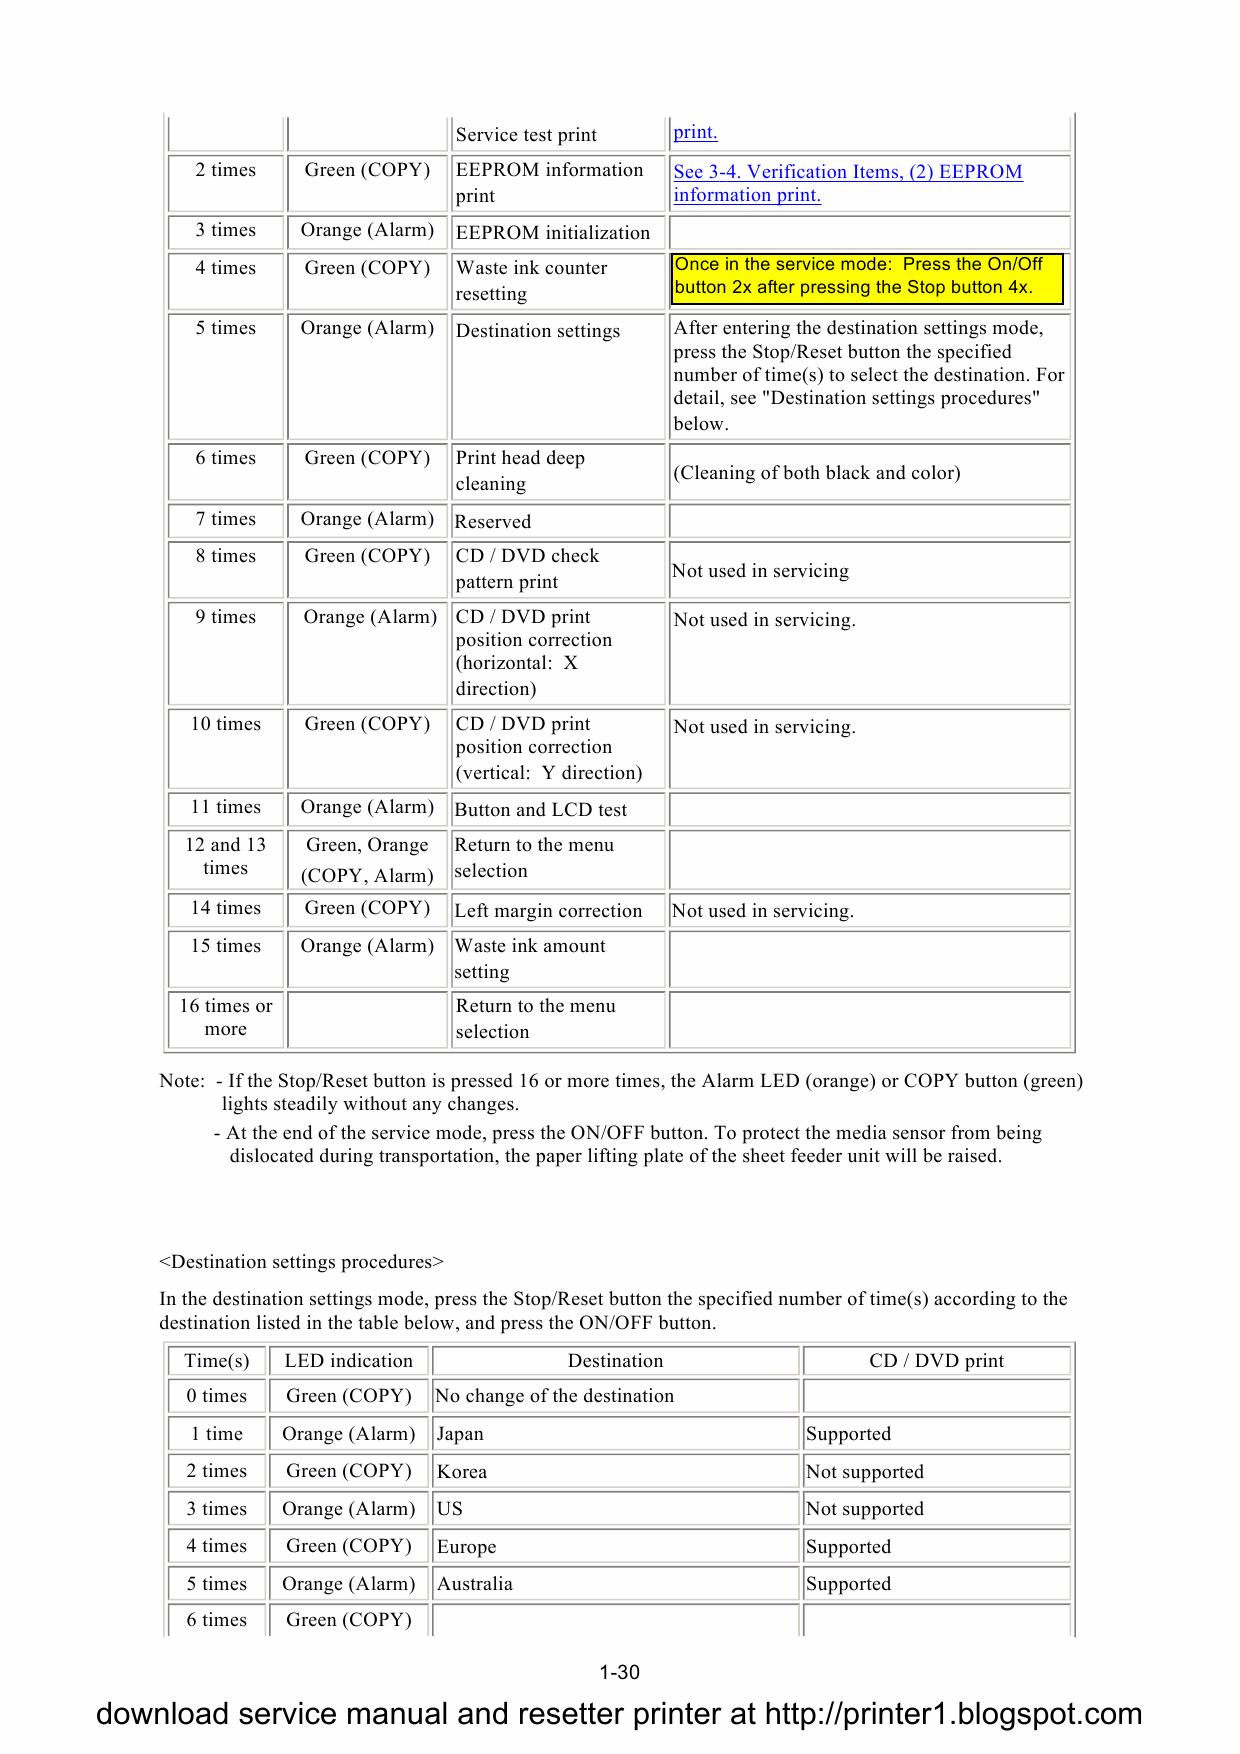 Canon PIXMA MP500 Service Manual-6